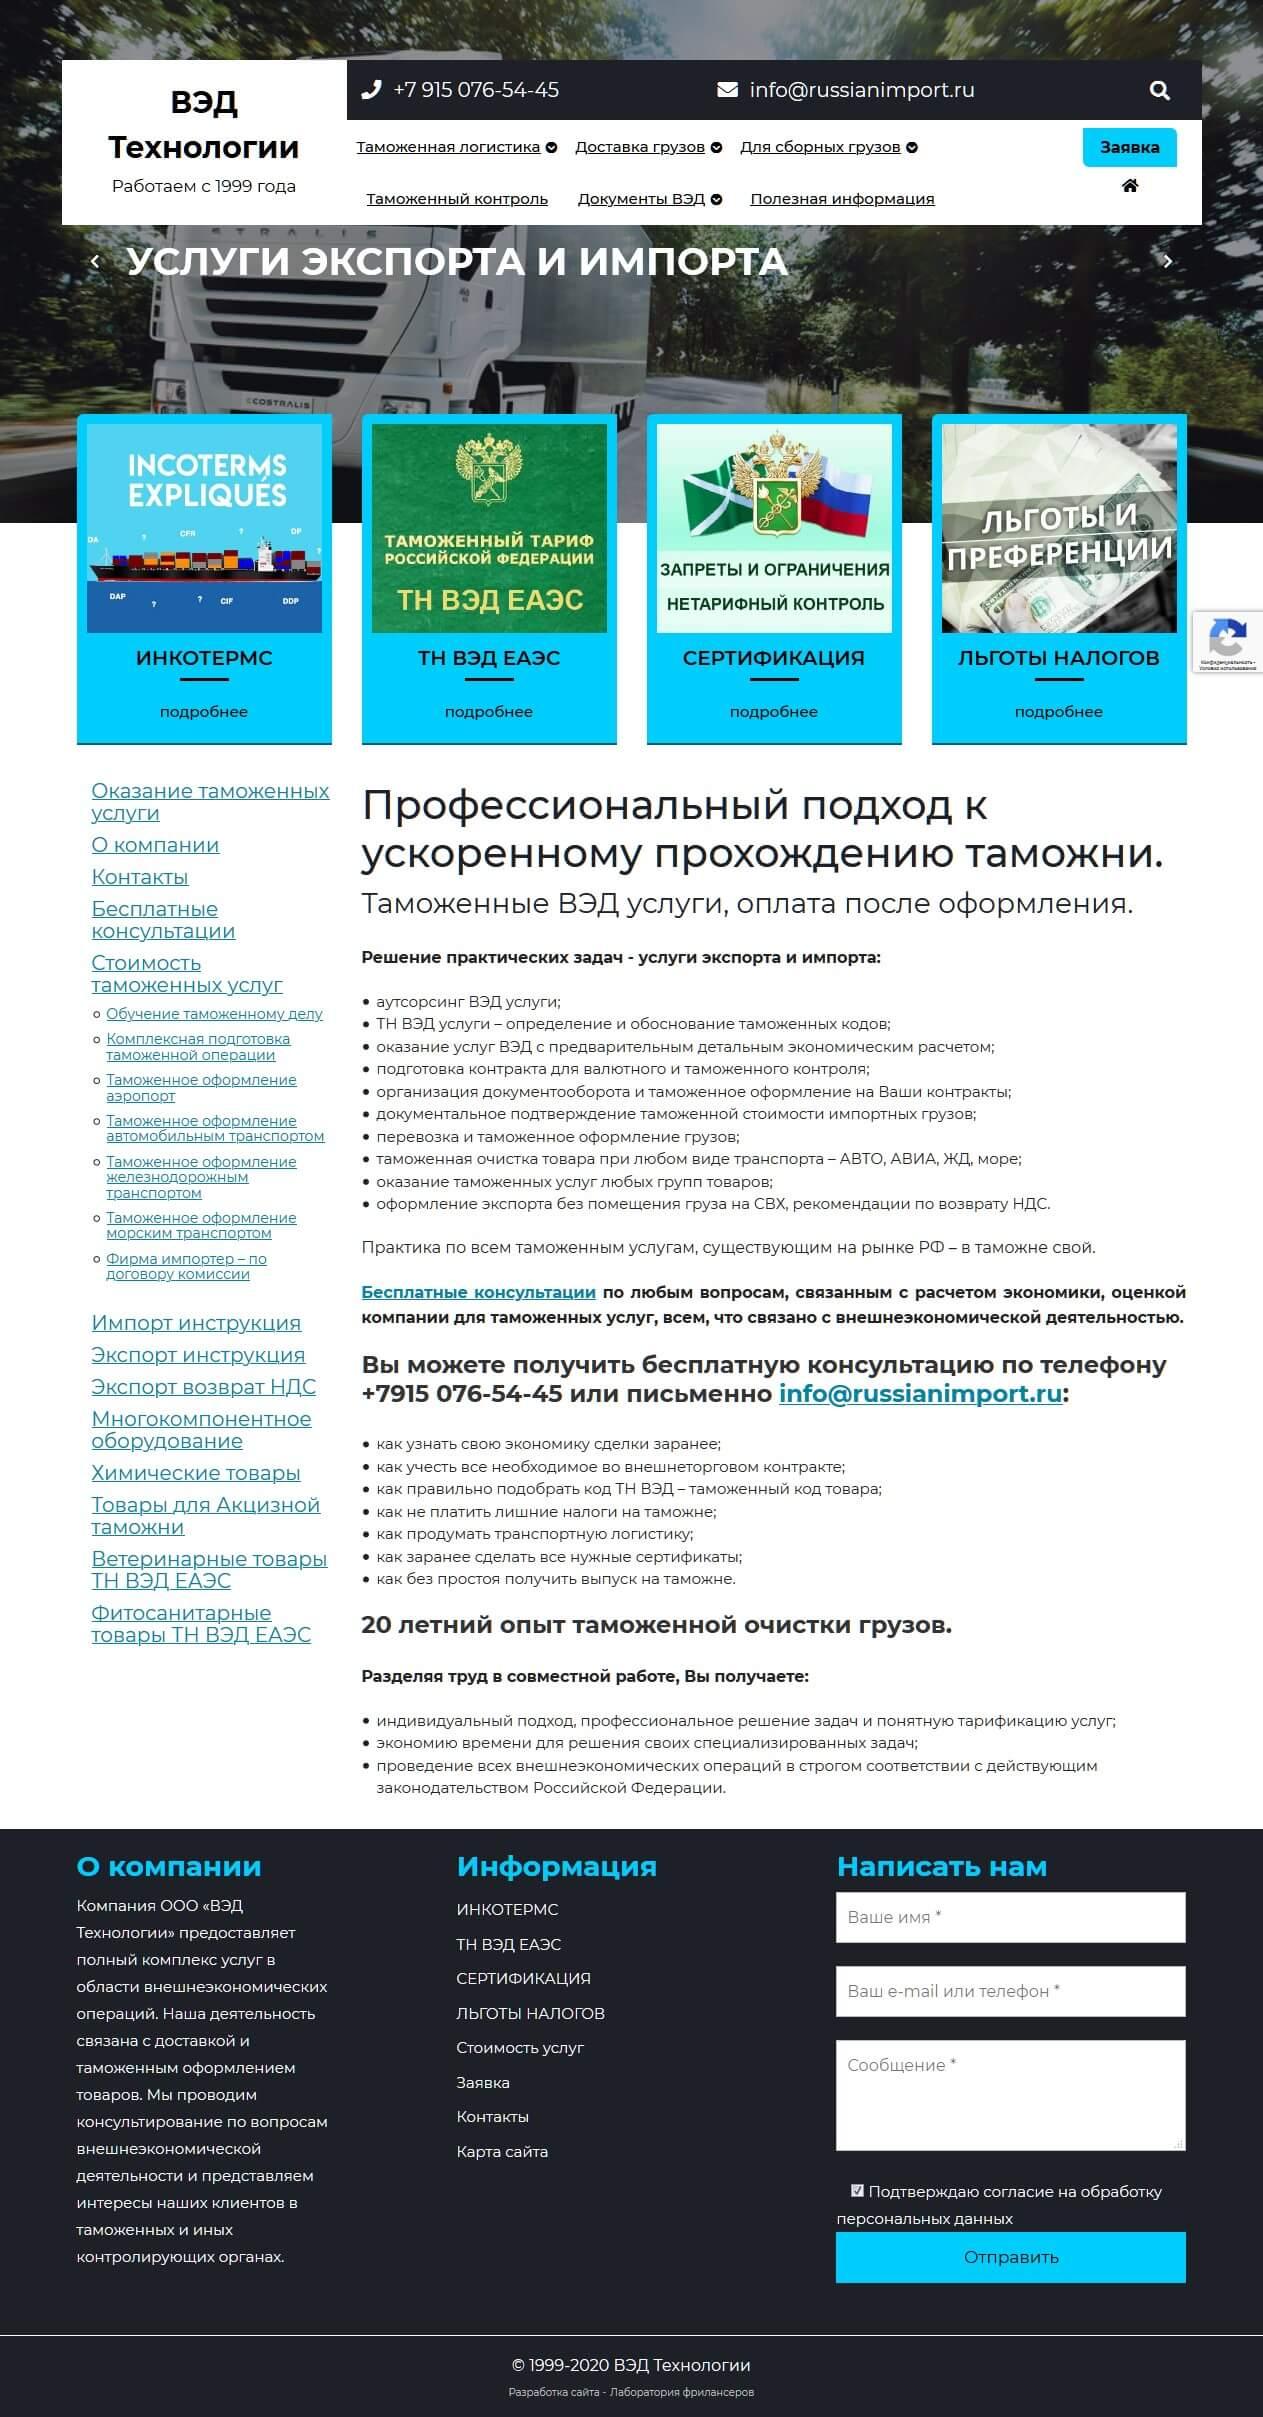 portfolio-russianimport